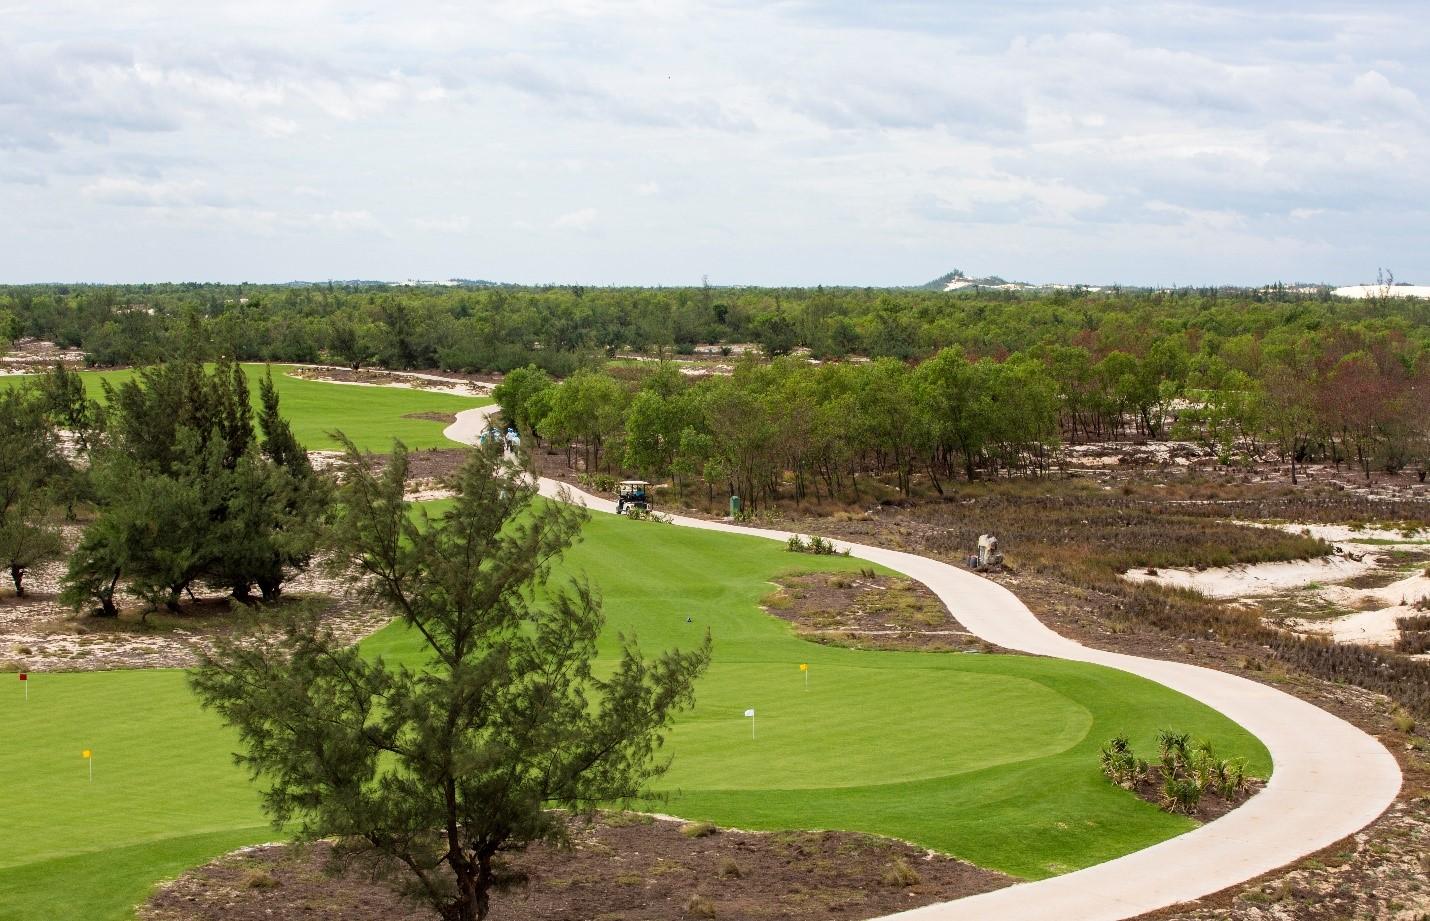 Cận cảnh vẻ đẹp của FLC Quang Binh Golf Links – Sân golf mới vừa mở cửa